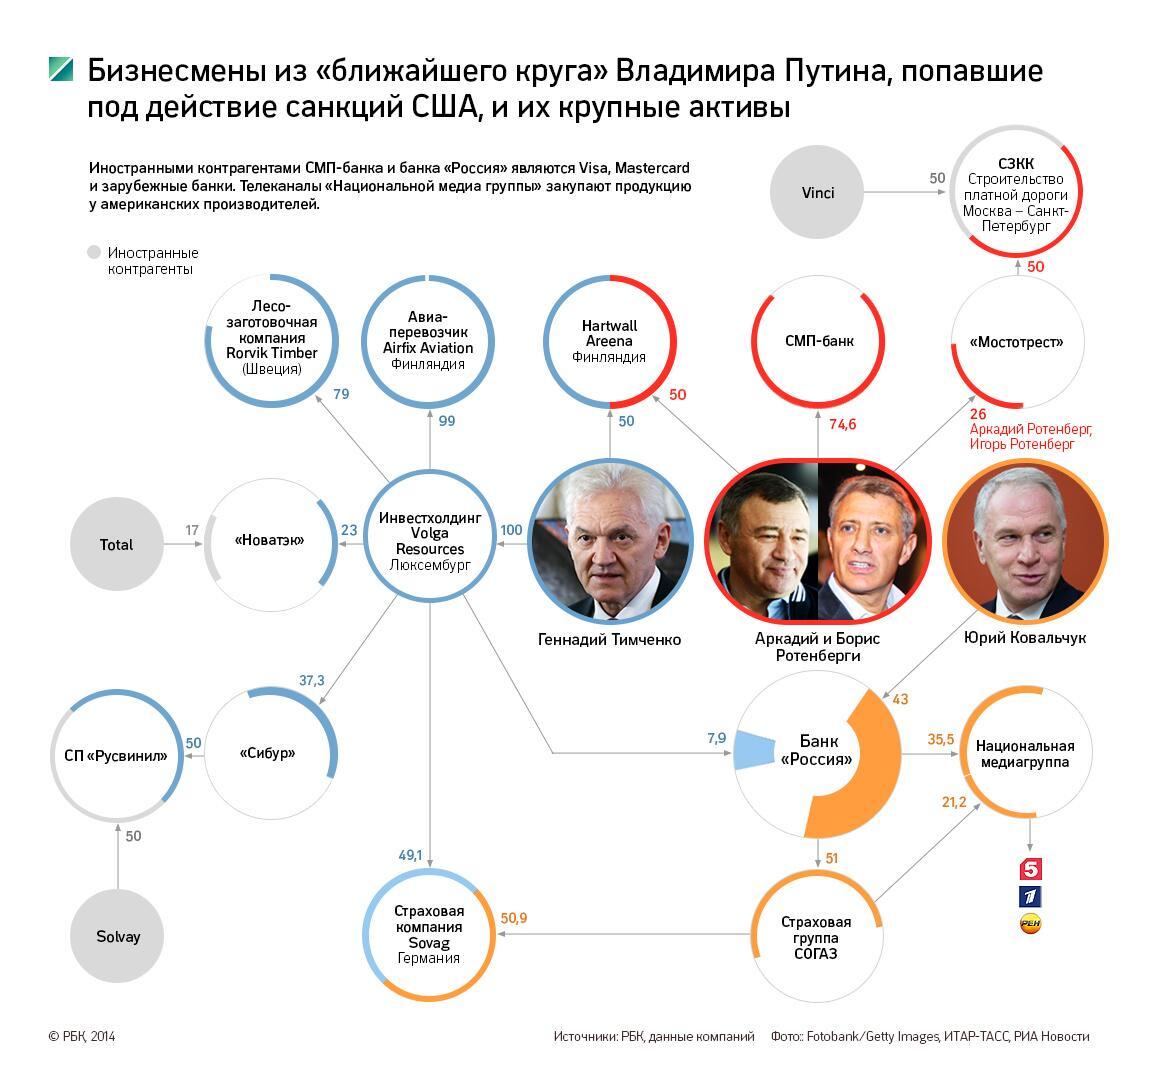 Ковальчук и Путин банк Россия коррупция в России, Путинизм